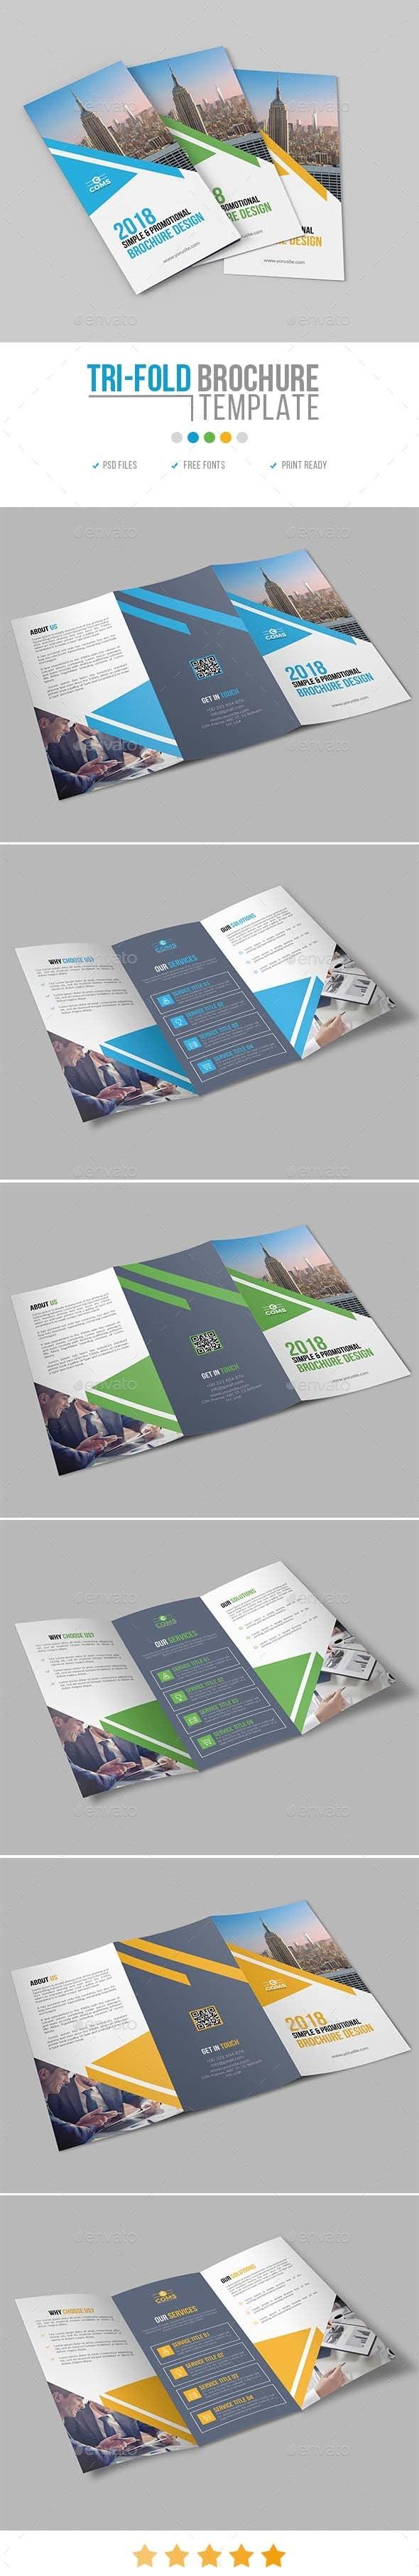 Tri-Fold Brochure Template 21 - Corporate Brochures